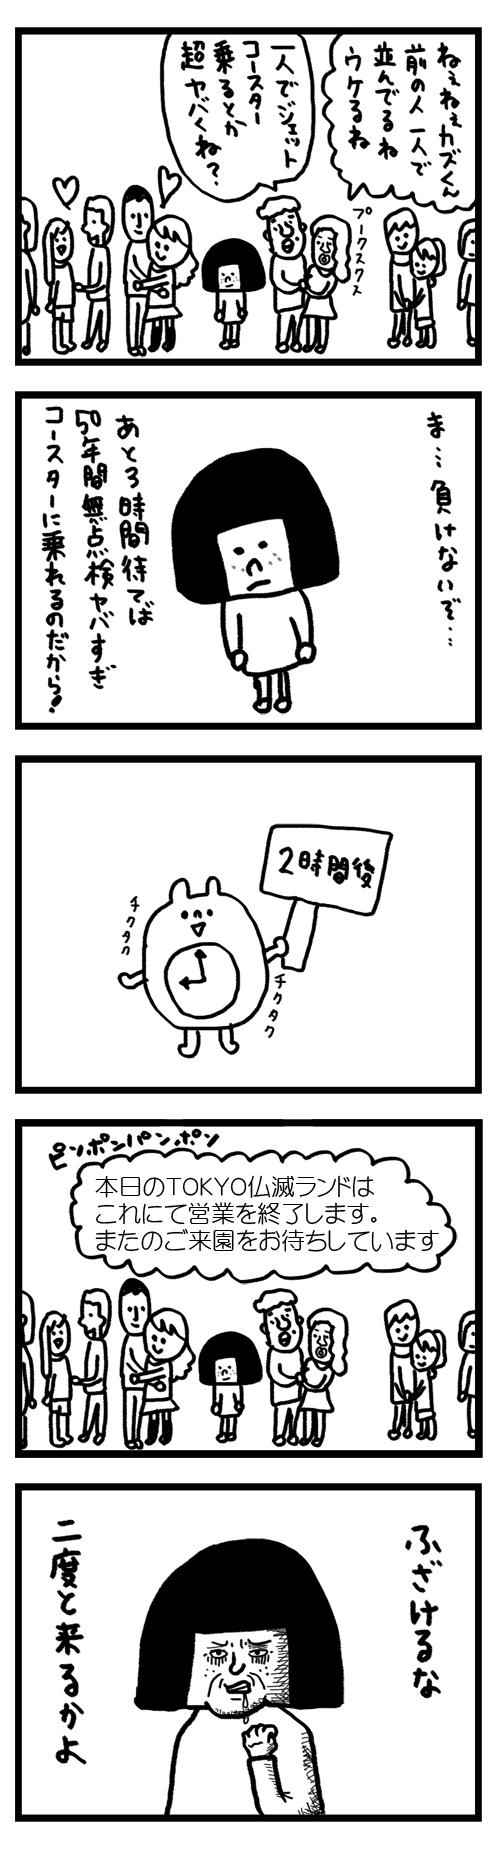 モテないアラサー漫画7